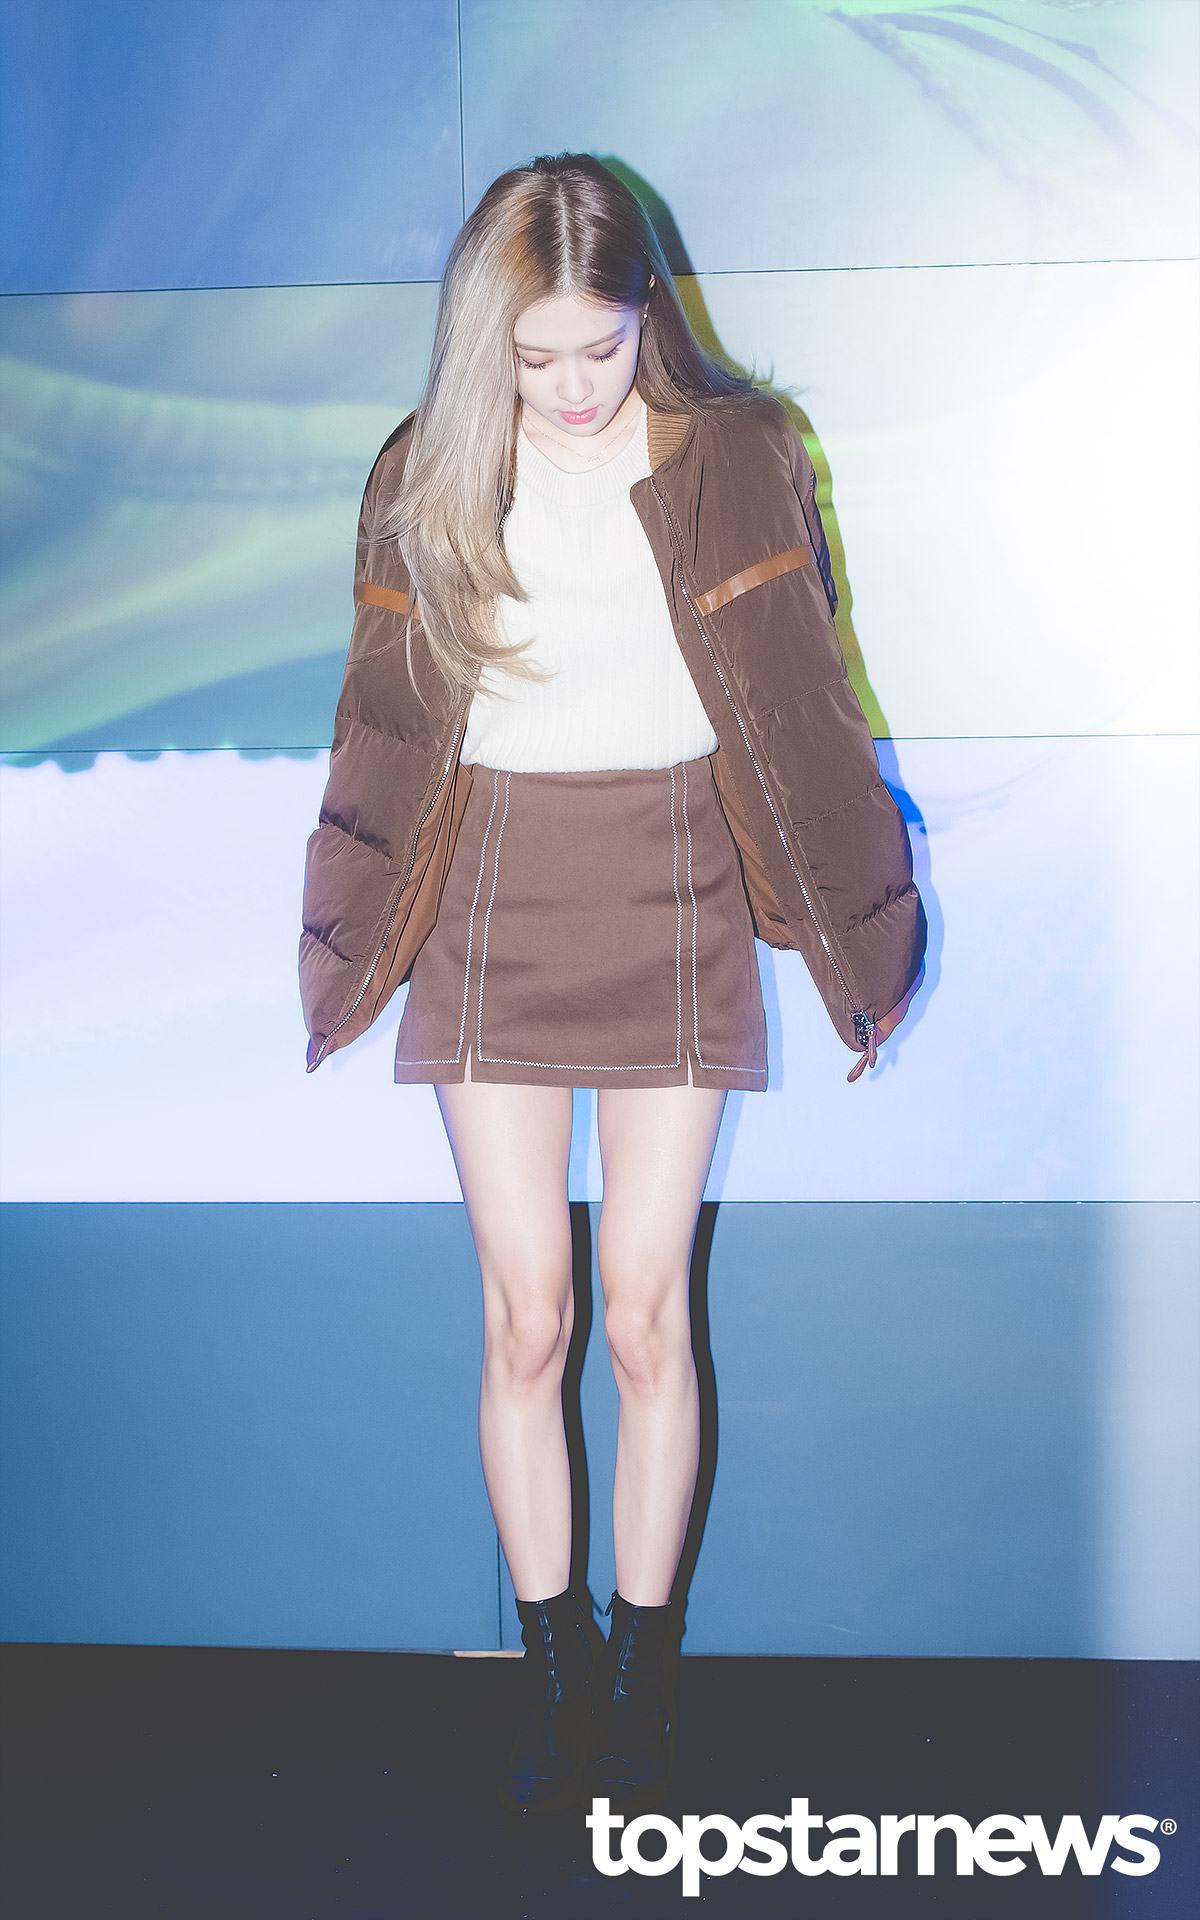 首先從短靴開始~Rosé腳上這雙短靴是以皮革為主,長度大約在腳踝上方兩三公分左右,是近年韓國非常流行的款式,不過因為剛好遮住了腳踝,所以會建議給本身腳踝就比較粗的女孩,相對地穿起來就會比較顯瘦。